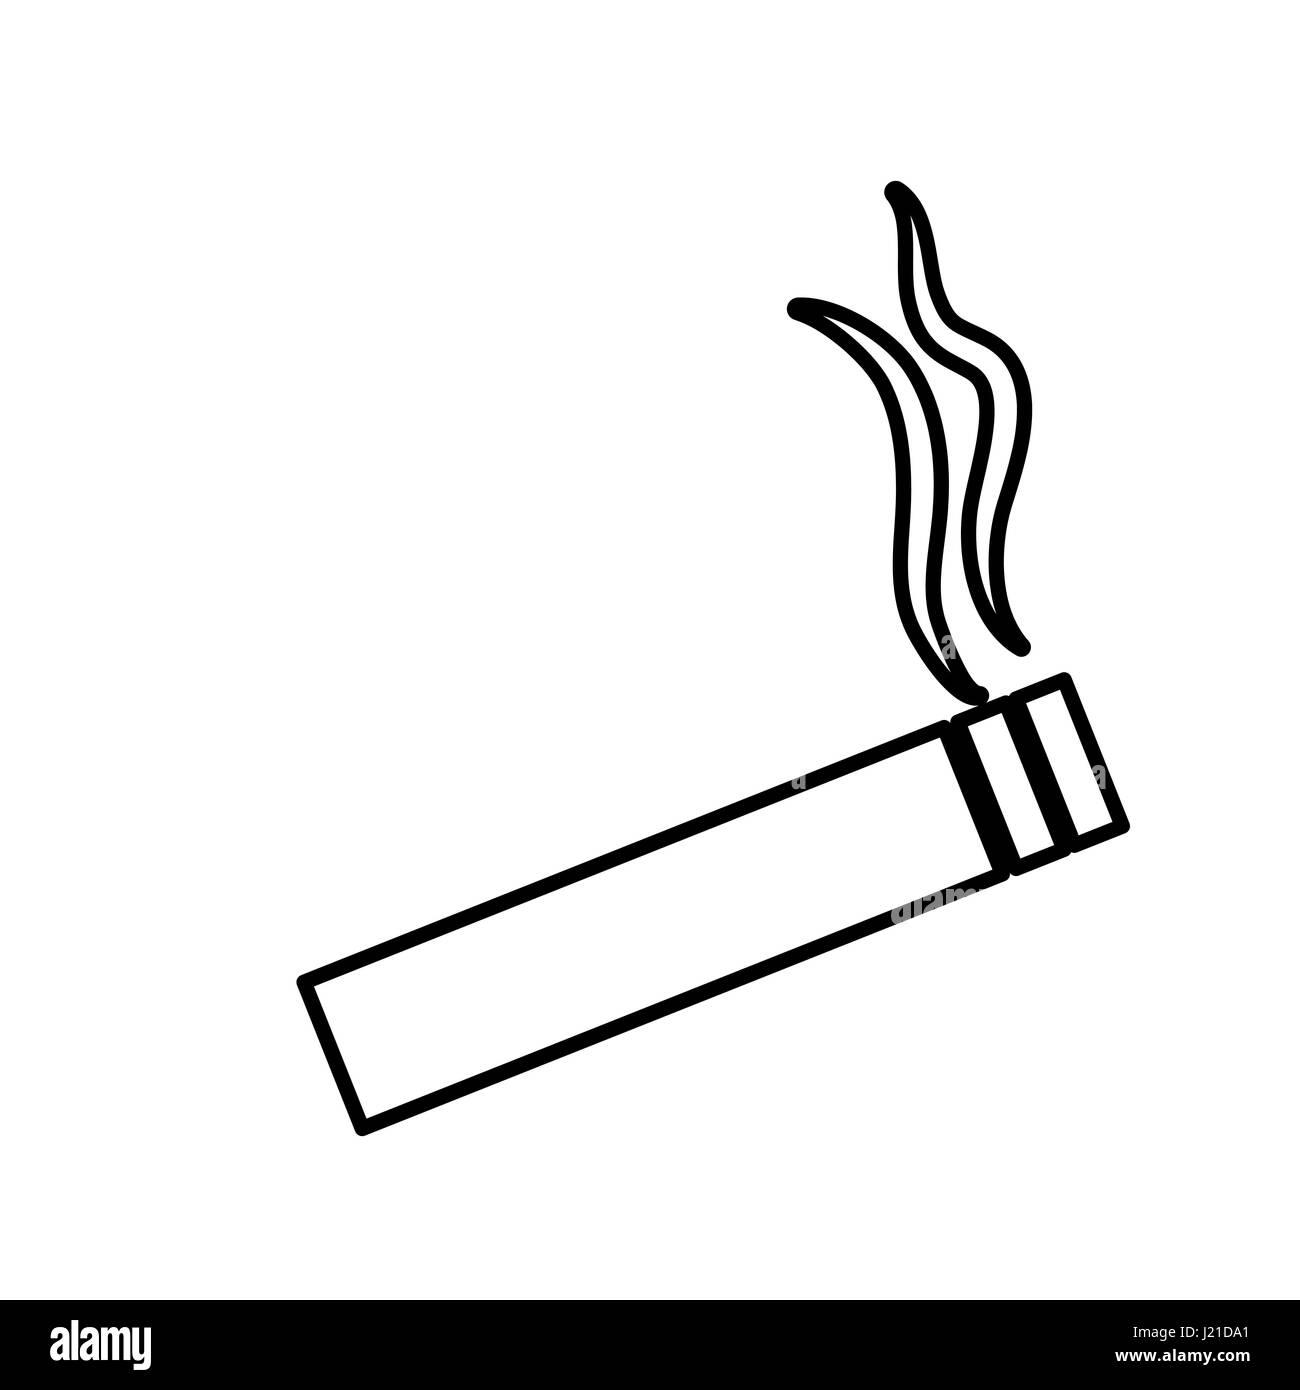 cigarette icon image - Stock Image